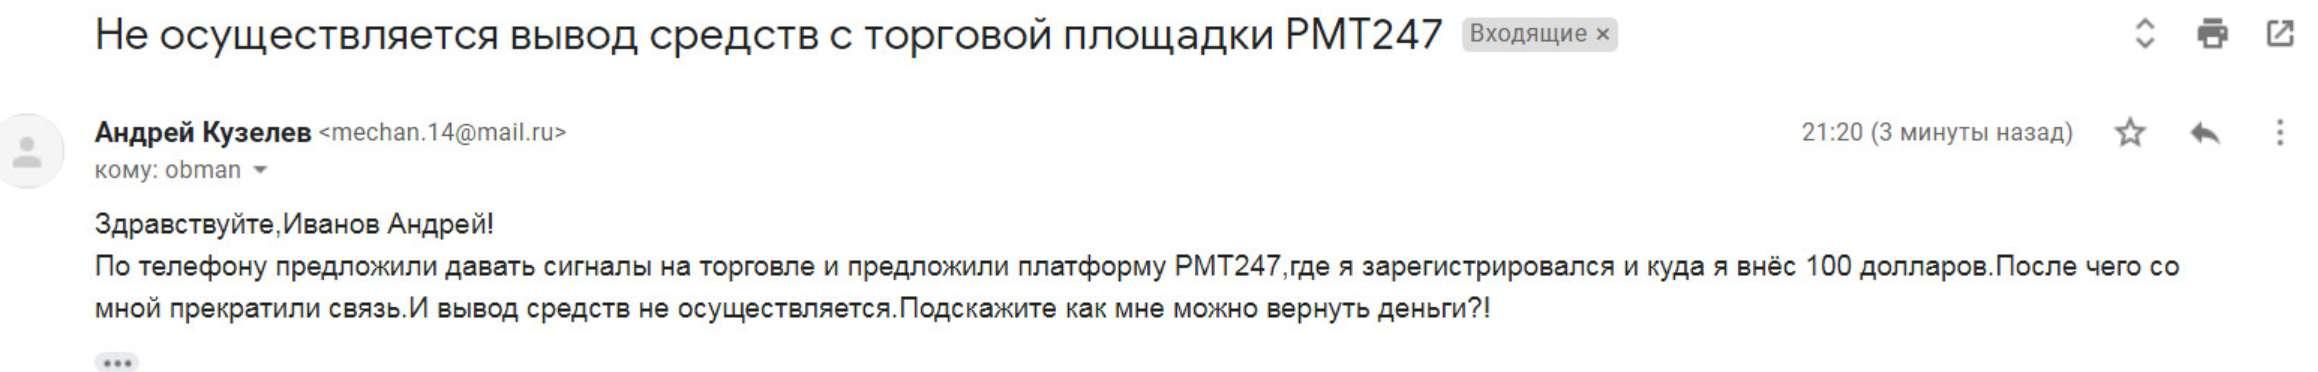 Pmt247 - снова очередной лохотрон. Отзывы на псевдоброкера